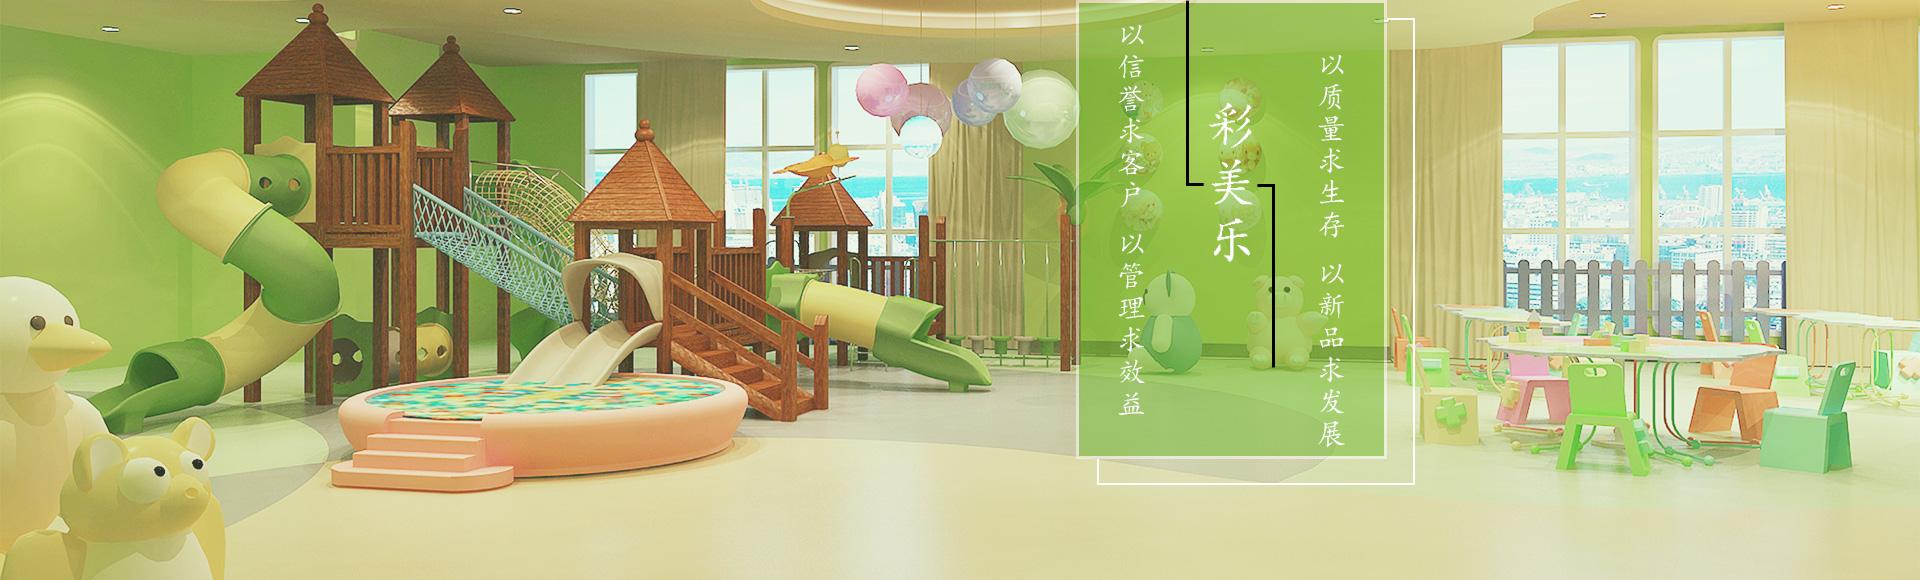 幼儿园木制家具